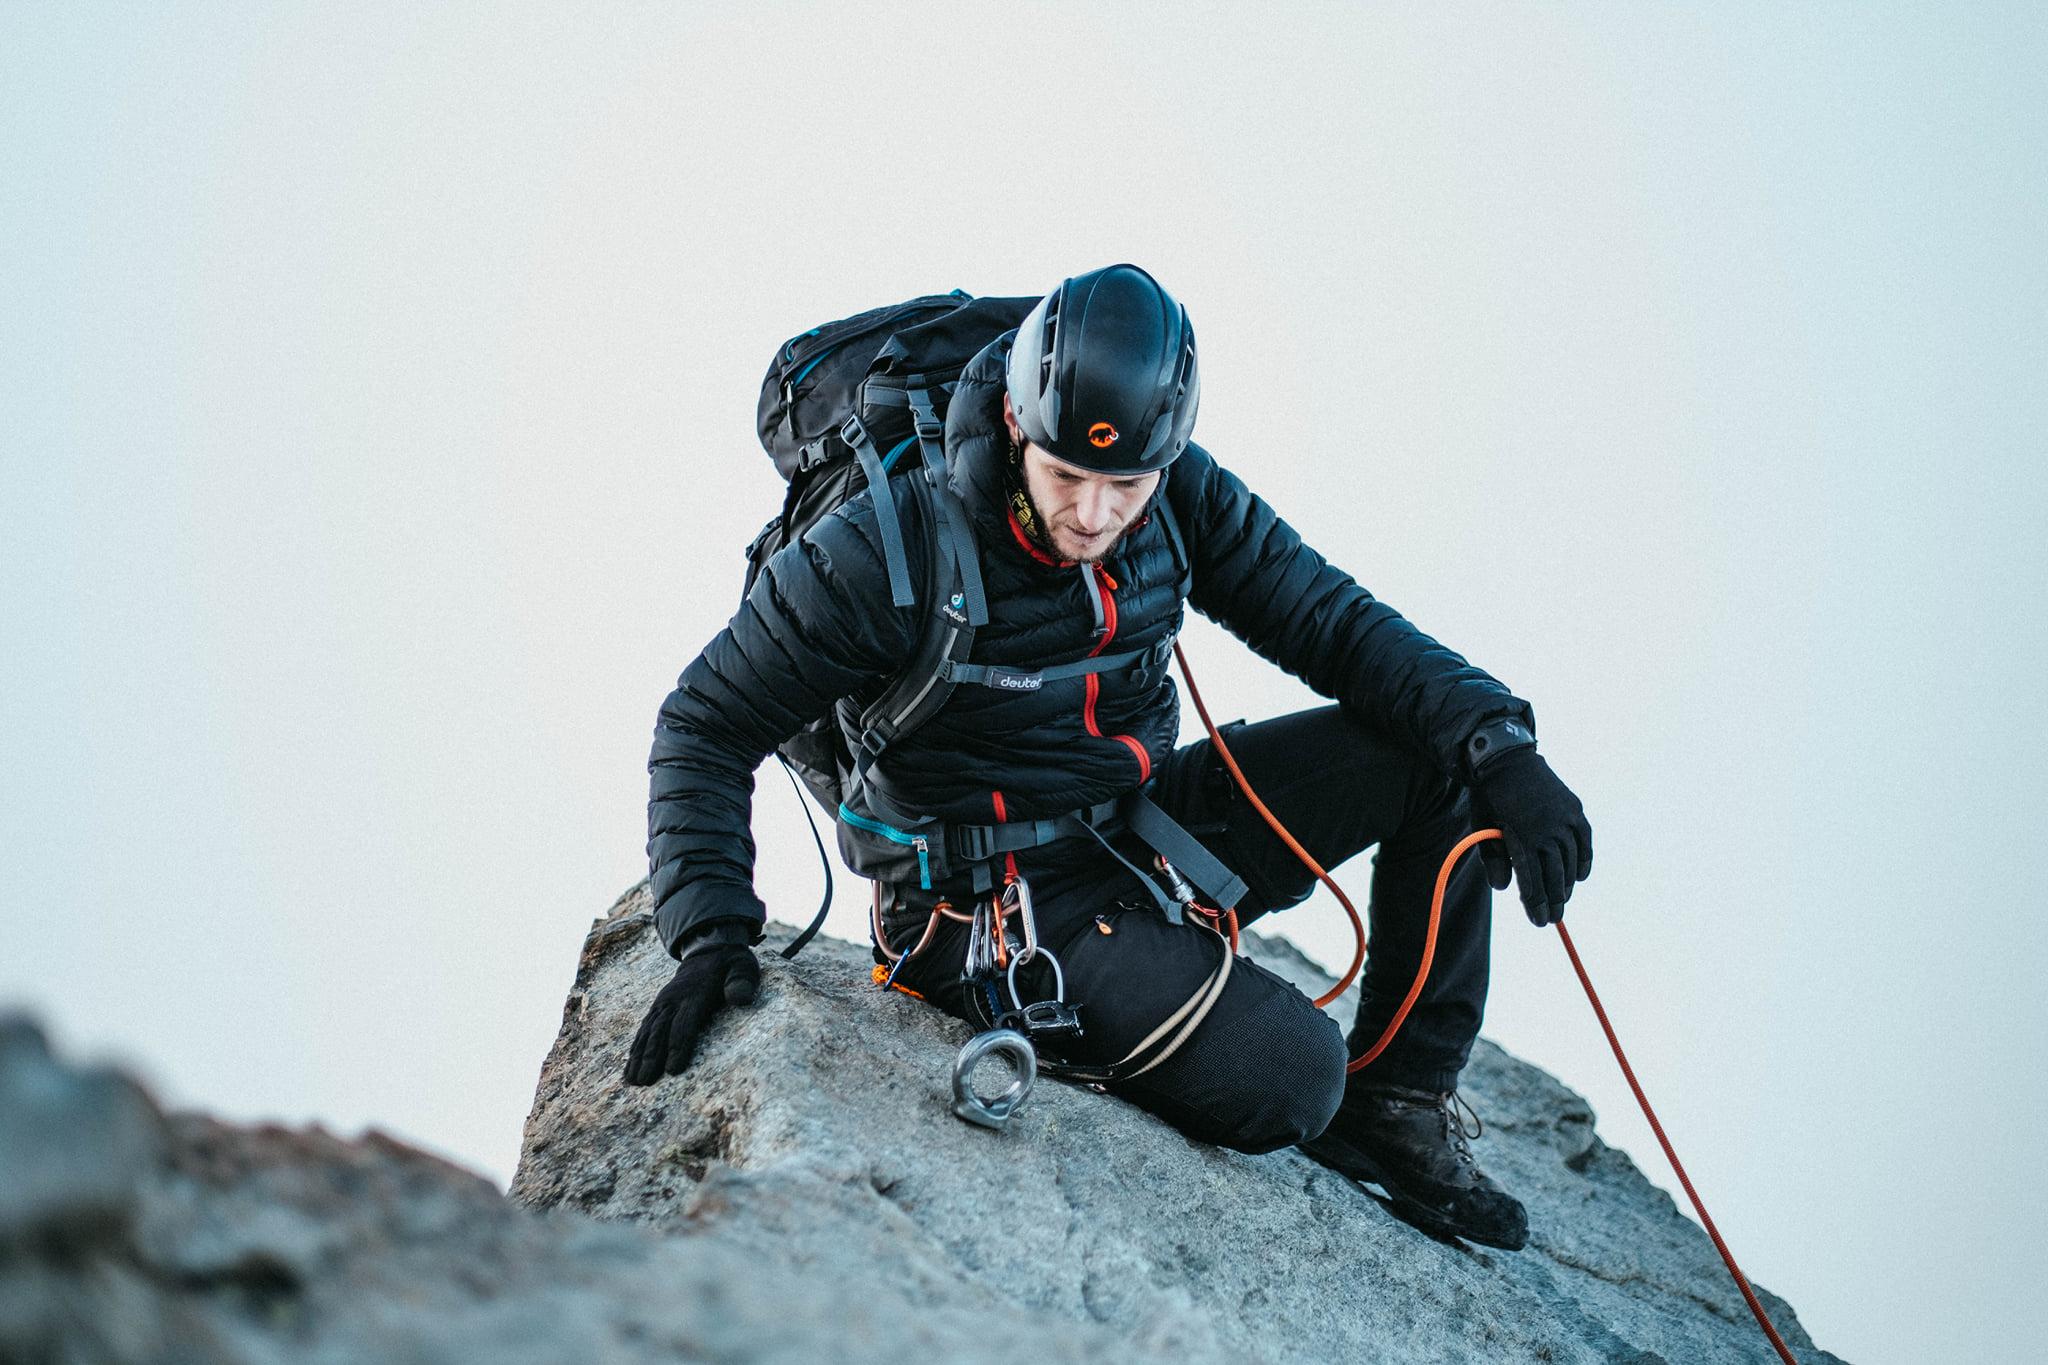 <b>Miky Škoda: Výstup na Matterhorn, dobrodružství v Česku i jak překvapit sám sebe tím, co všechno jde zažít bez peněz</b>